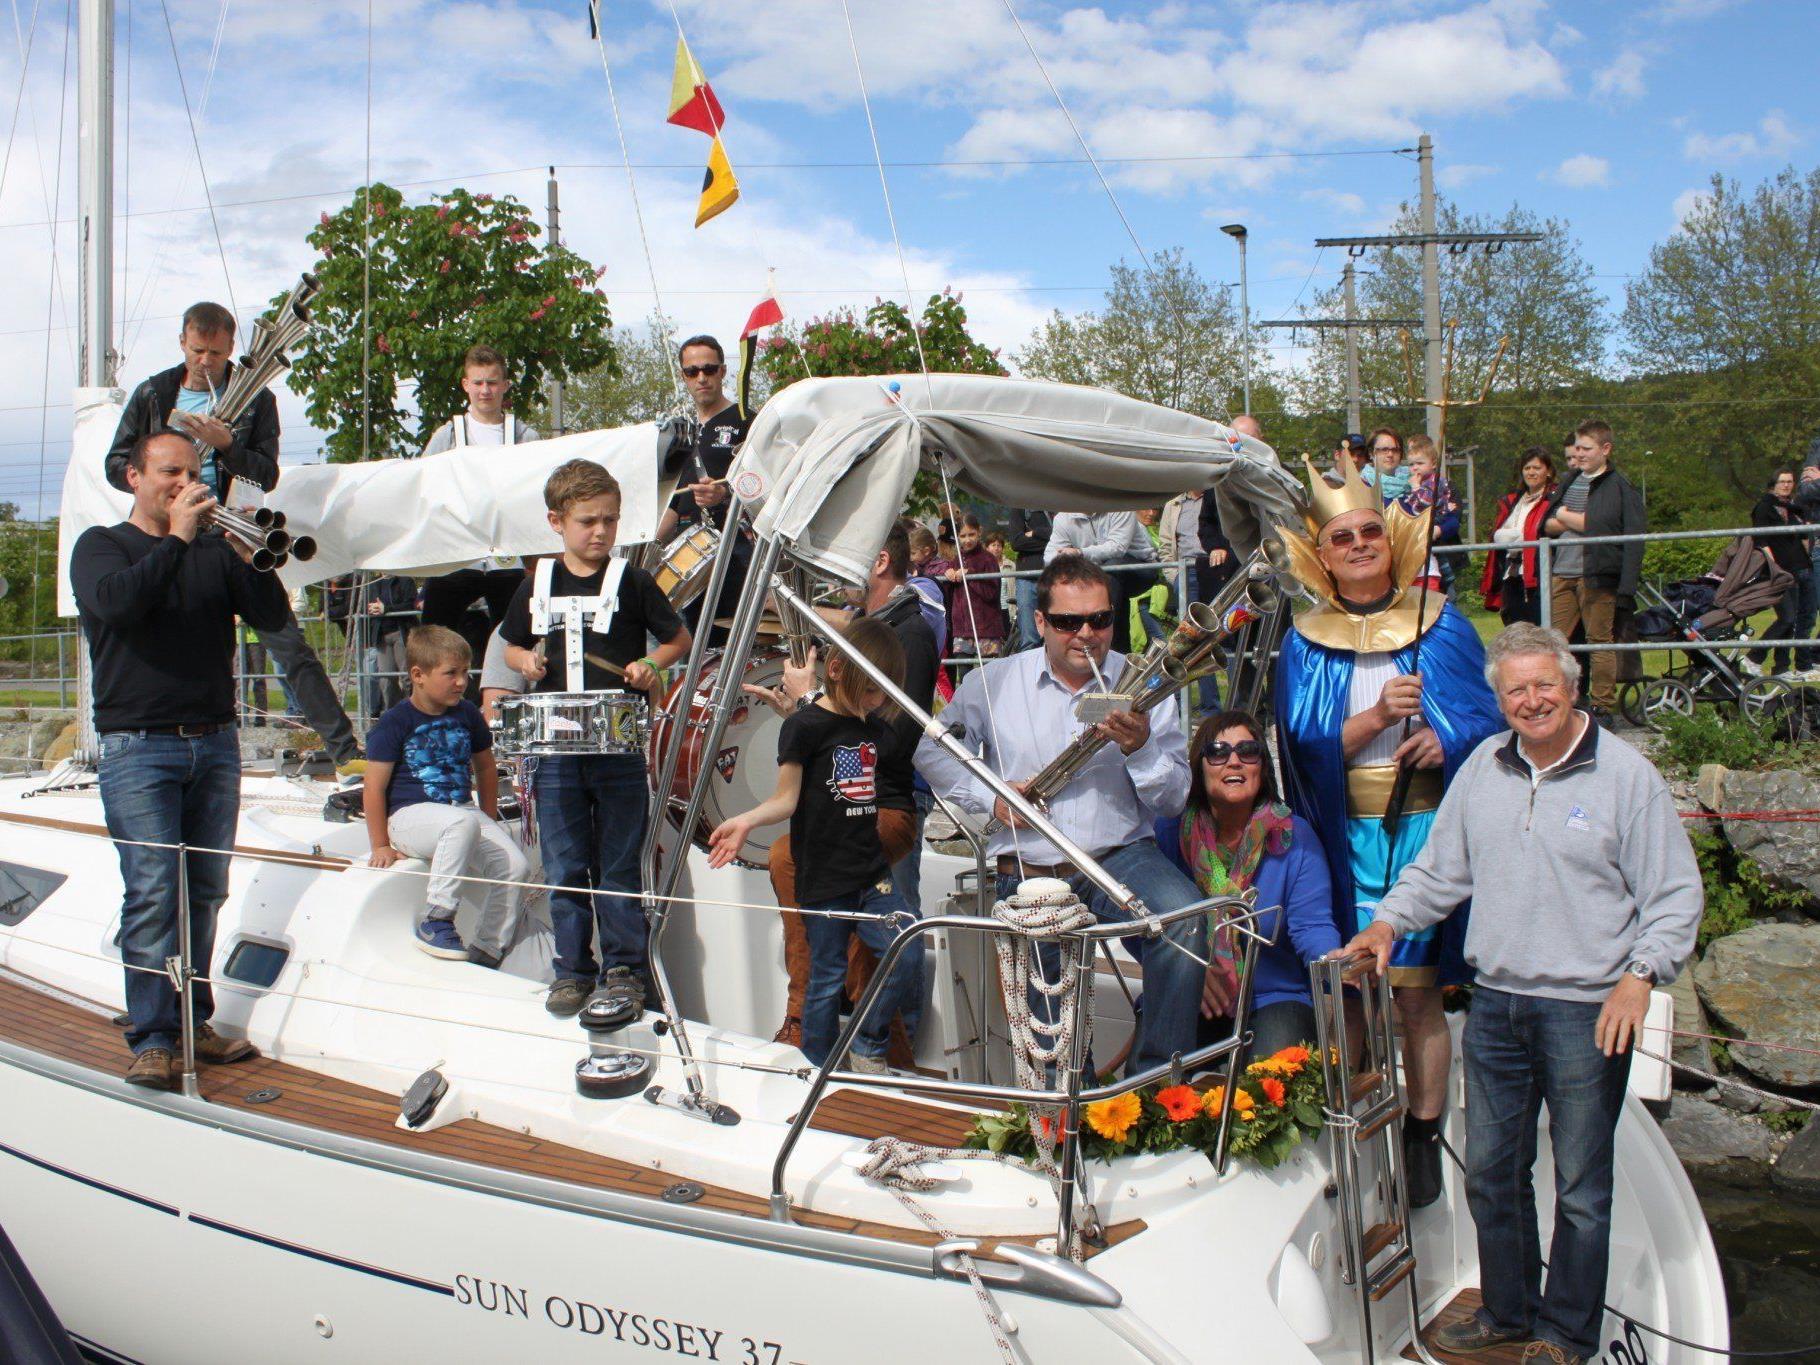 Eine Abordnung der Hörbranzer Schalmeien sorgte bei der diesjährigen Bootstaufe im Lochauer Hafen für viel Stimmung.